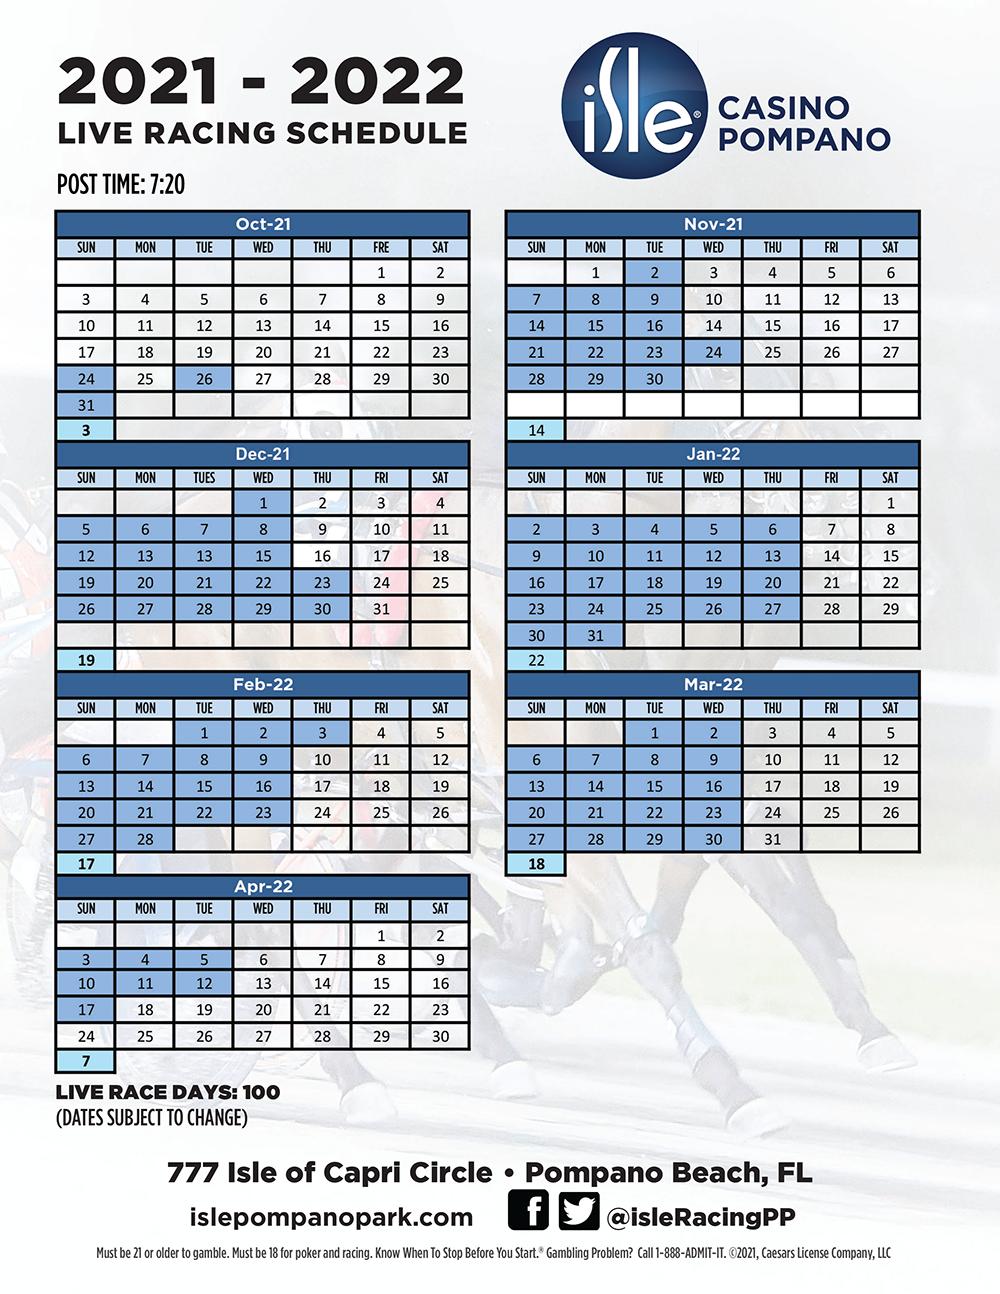 Live Racing Schedule 2021 - 2022